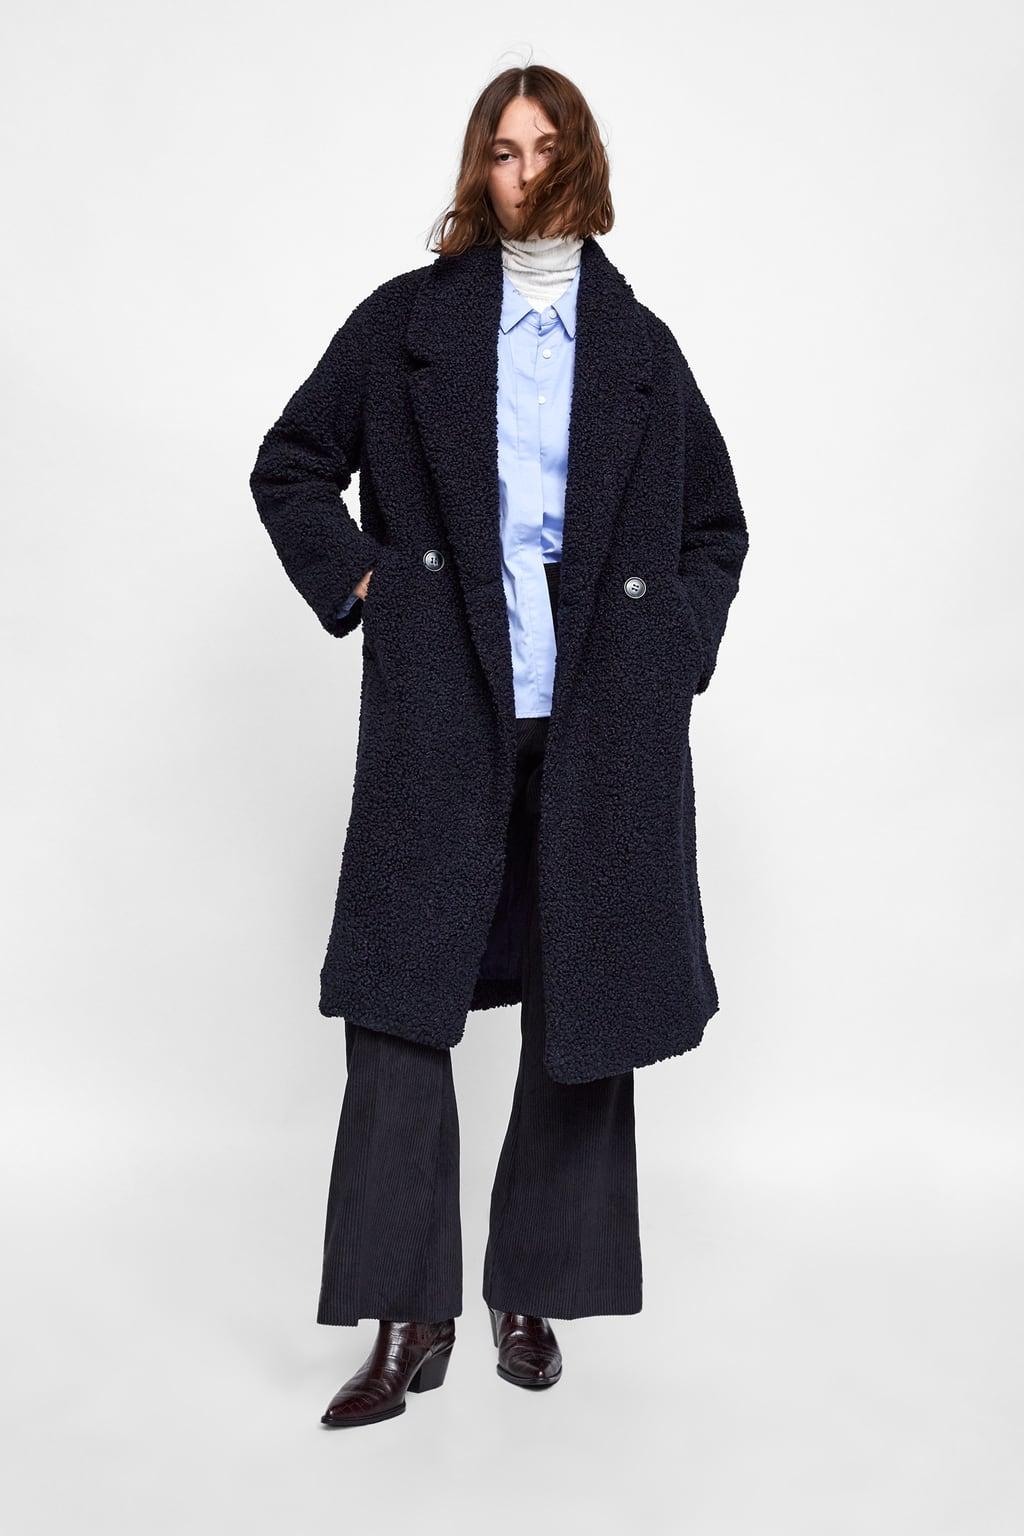 Verwonderlijk Dit zijn de leukste goedkope winterjassen voor het najaar onder €100 WK-45